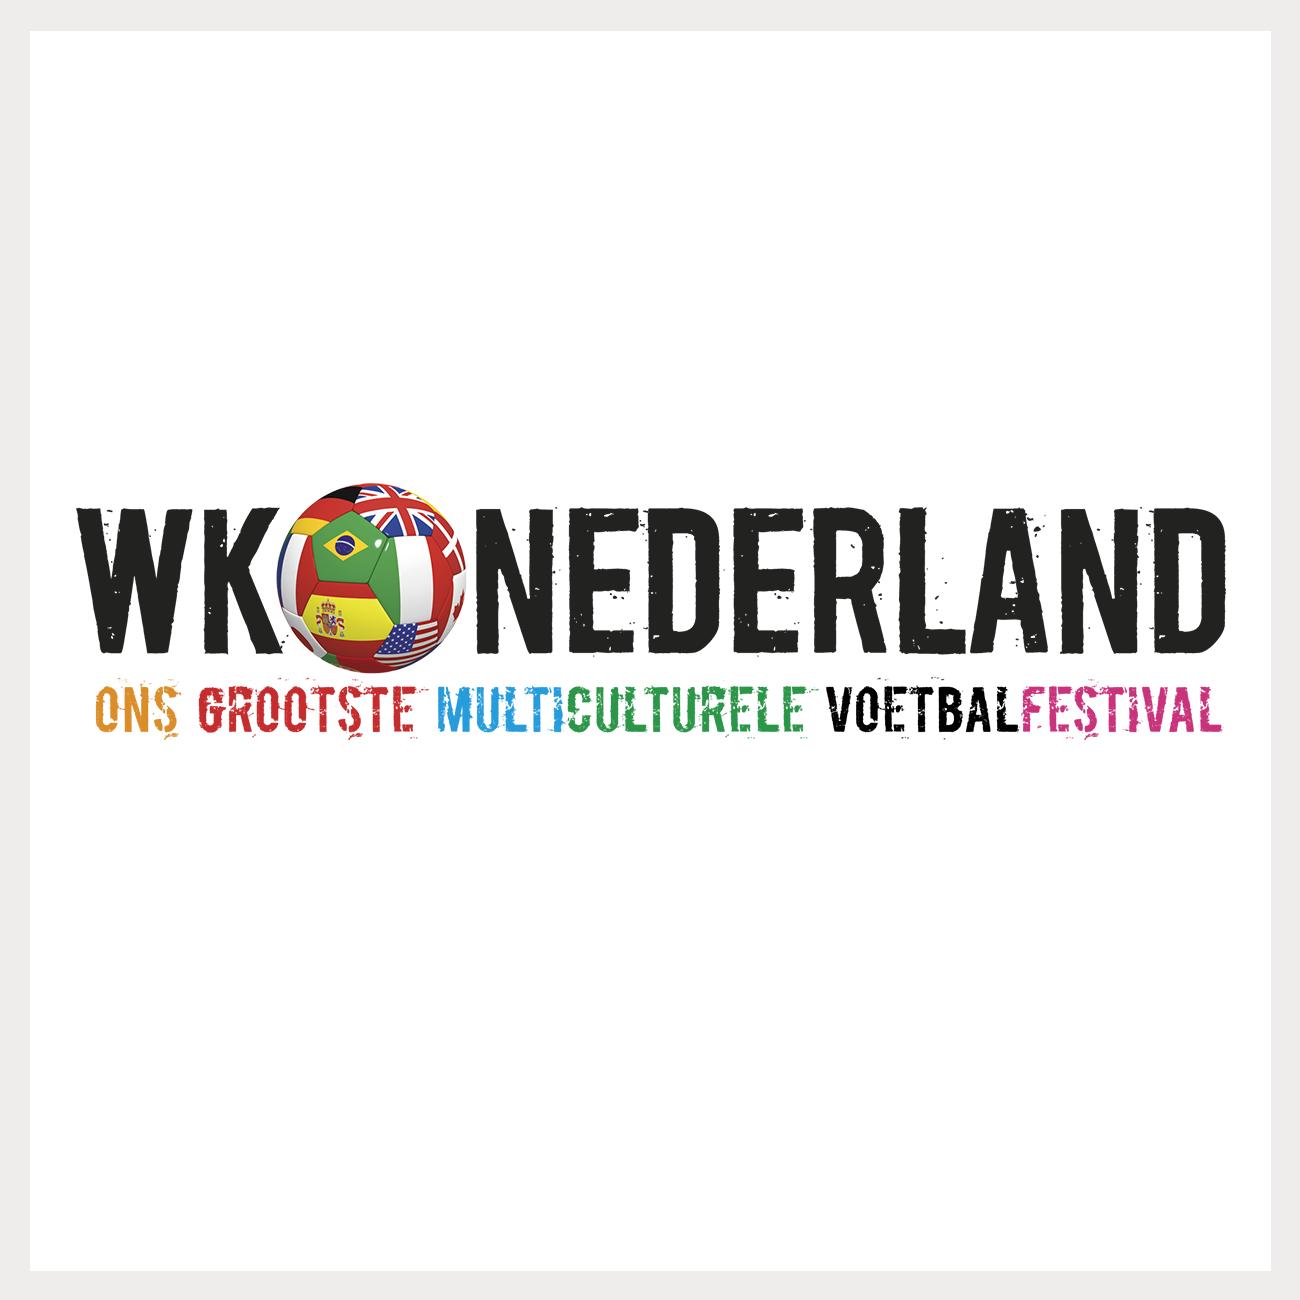 Identiteit voor het WK Nederland